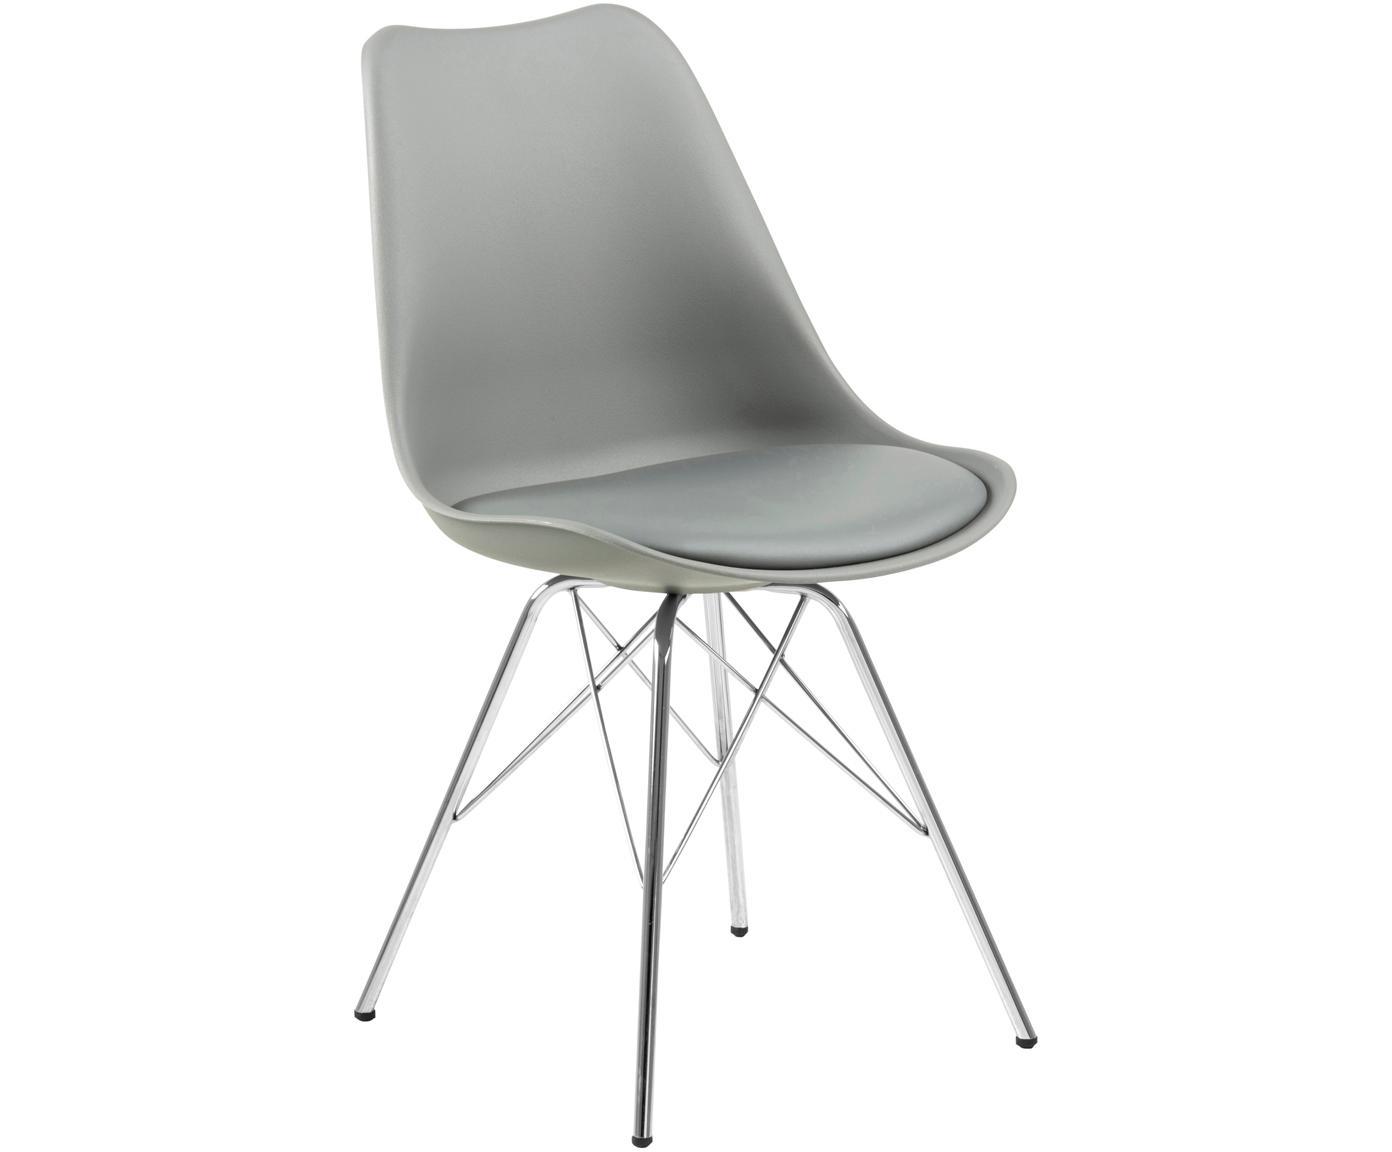 Kunststoffen stoelen Eris, 2 stuks, Zitvlak: kunststof, Zitvlak: kunstleer, Poten: verchroomd metaal, Grijs, chroomkleurig, B 54 x D 49 cm